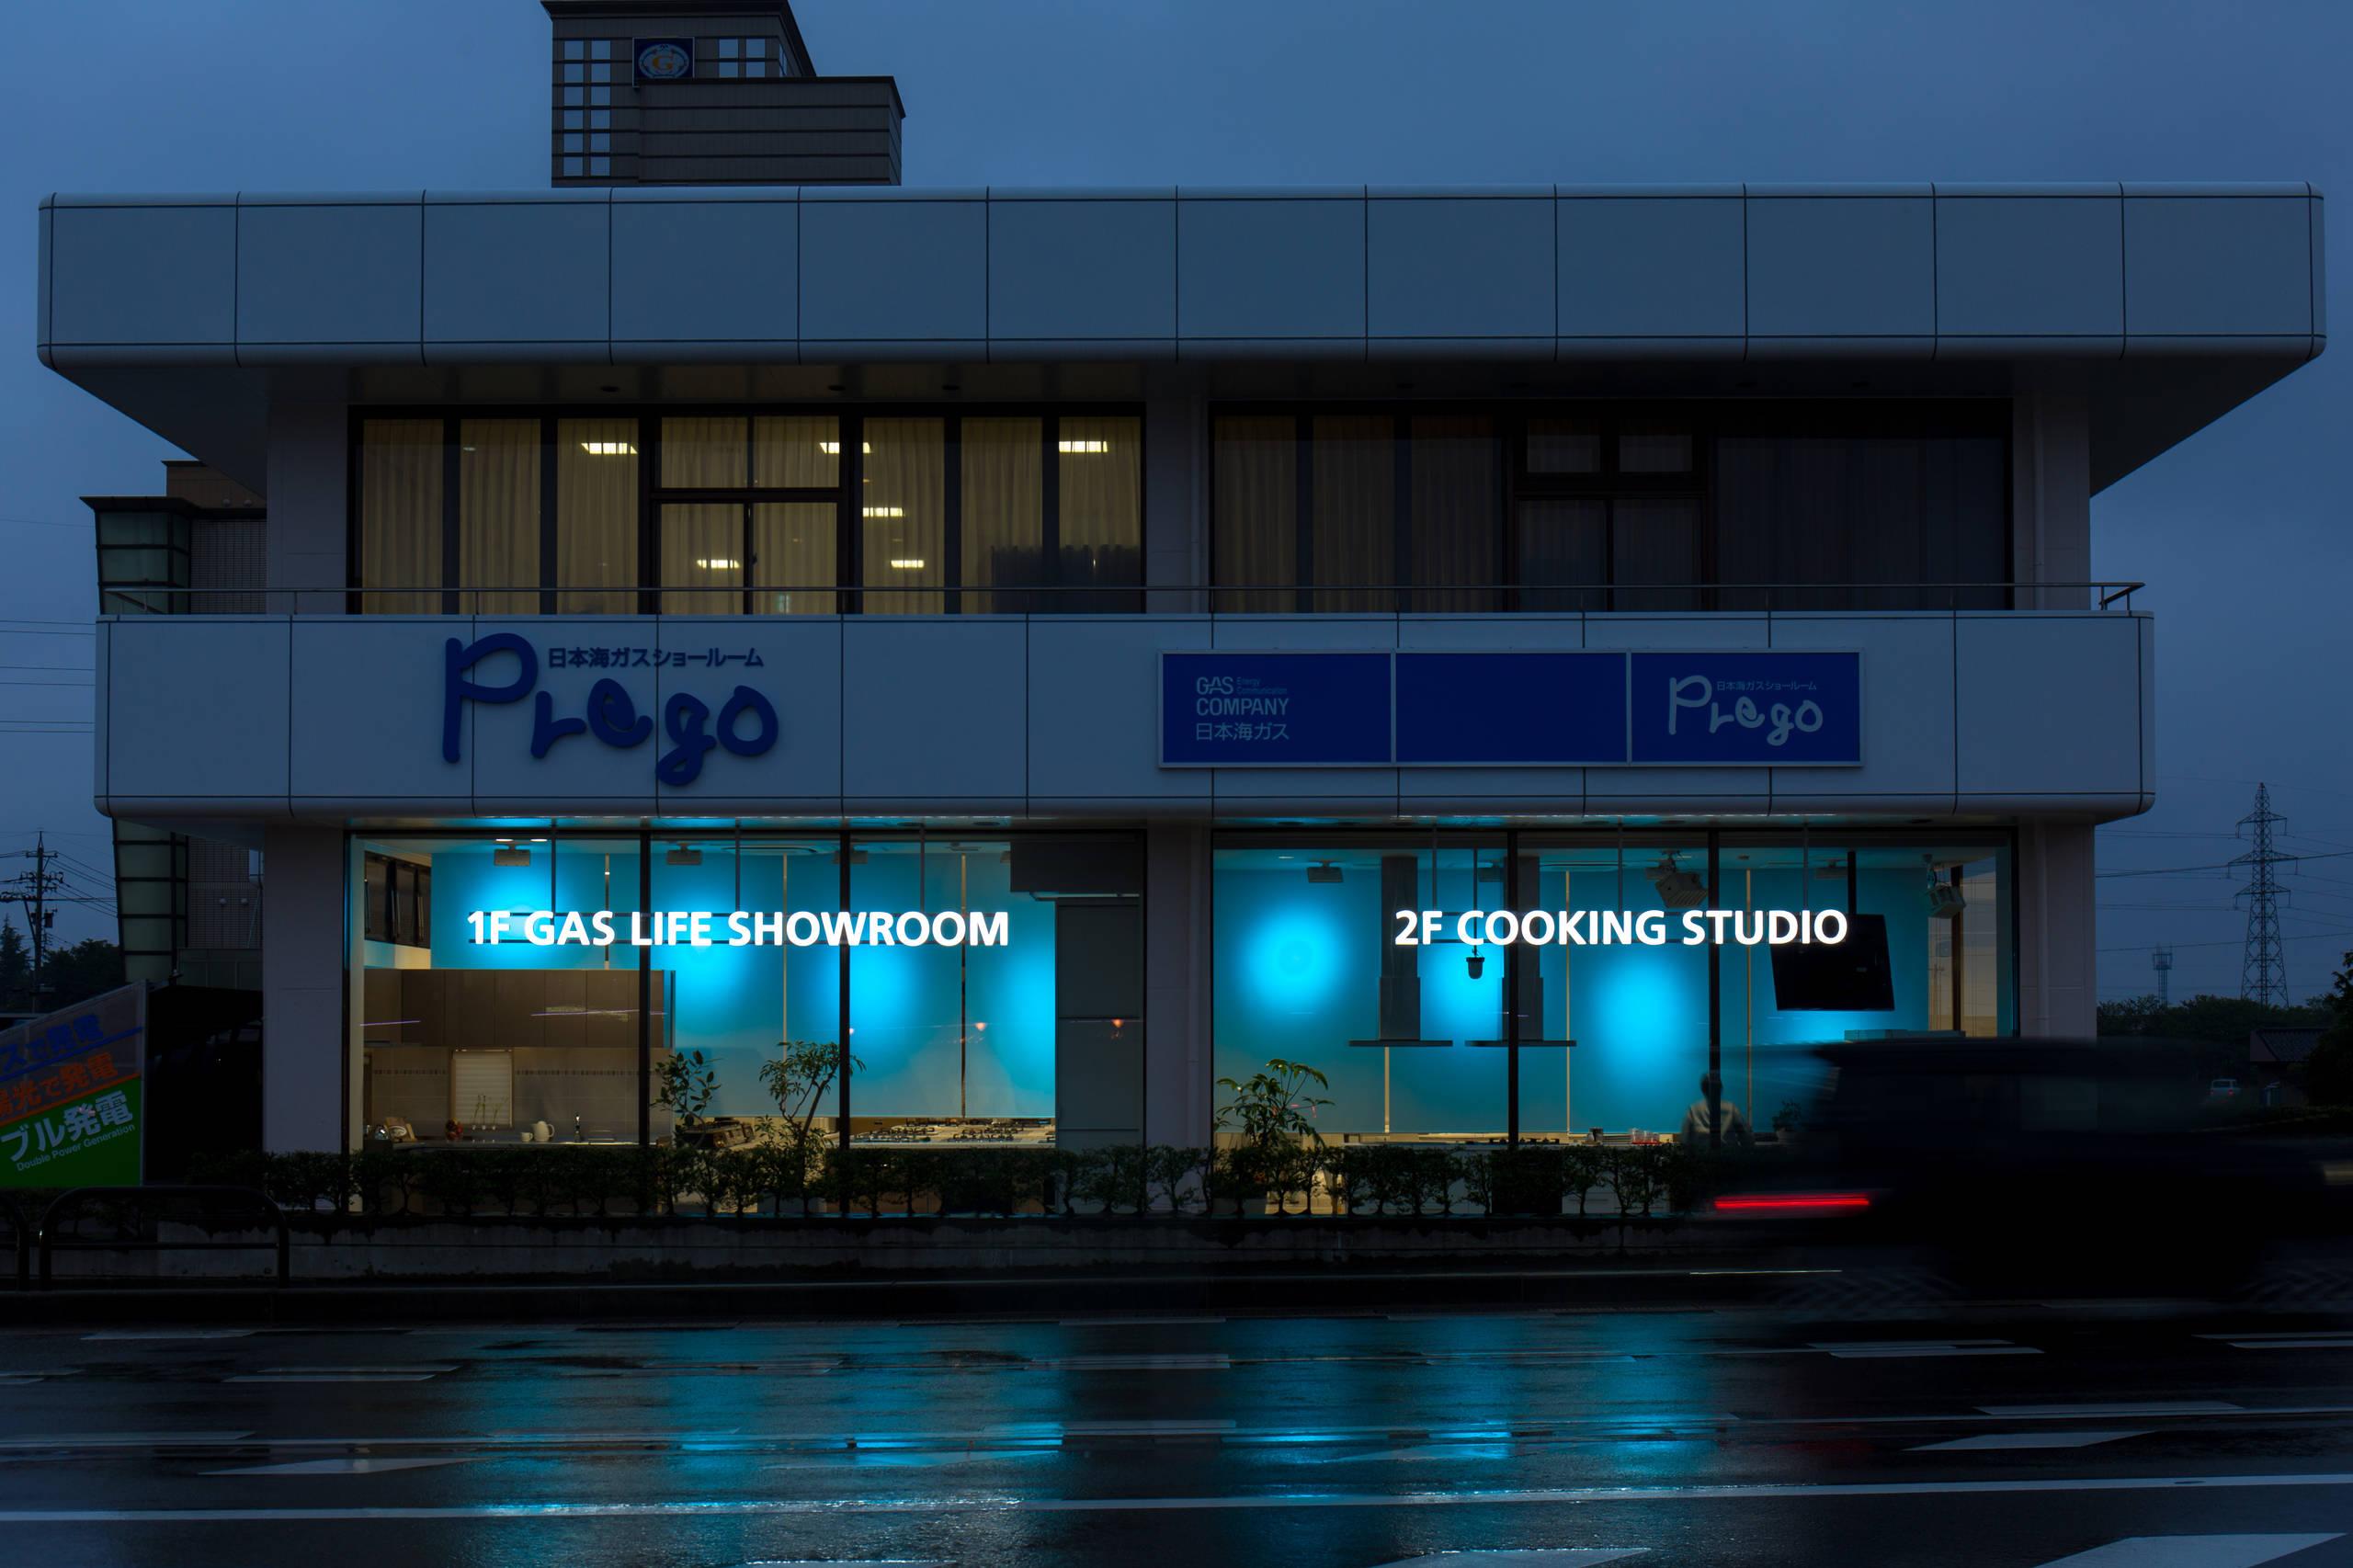 日本海ガス株式会社 / Pregoショールーム・モデルルーム